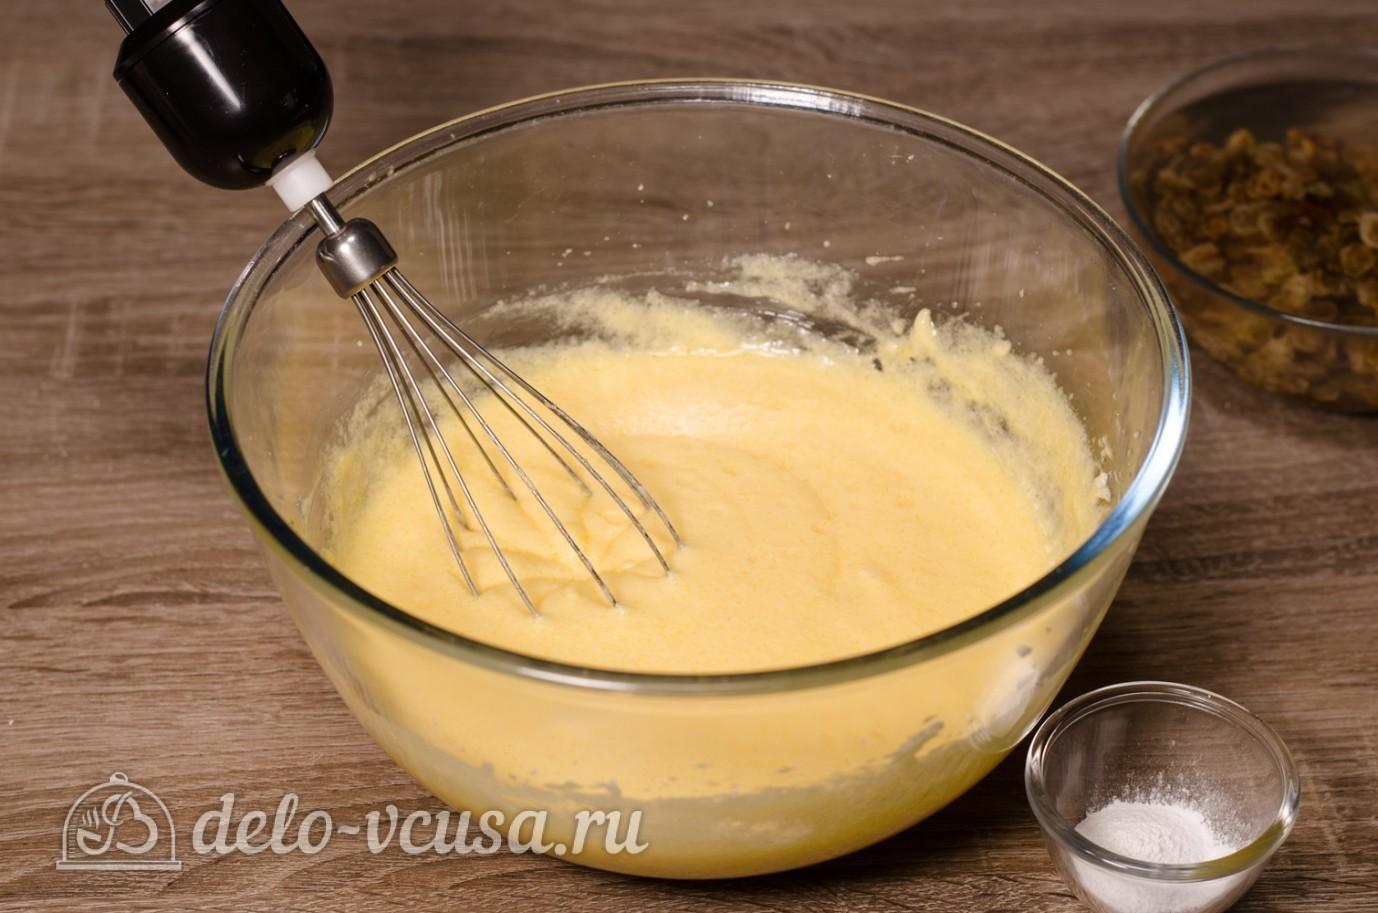 тухлое яйцо фото